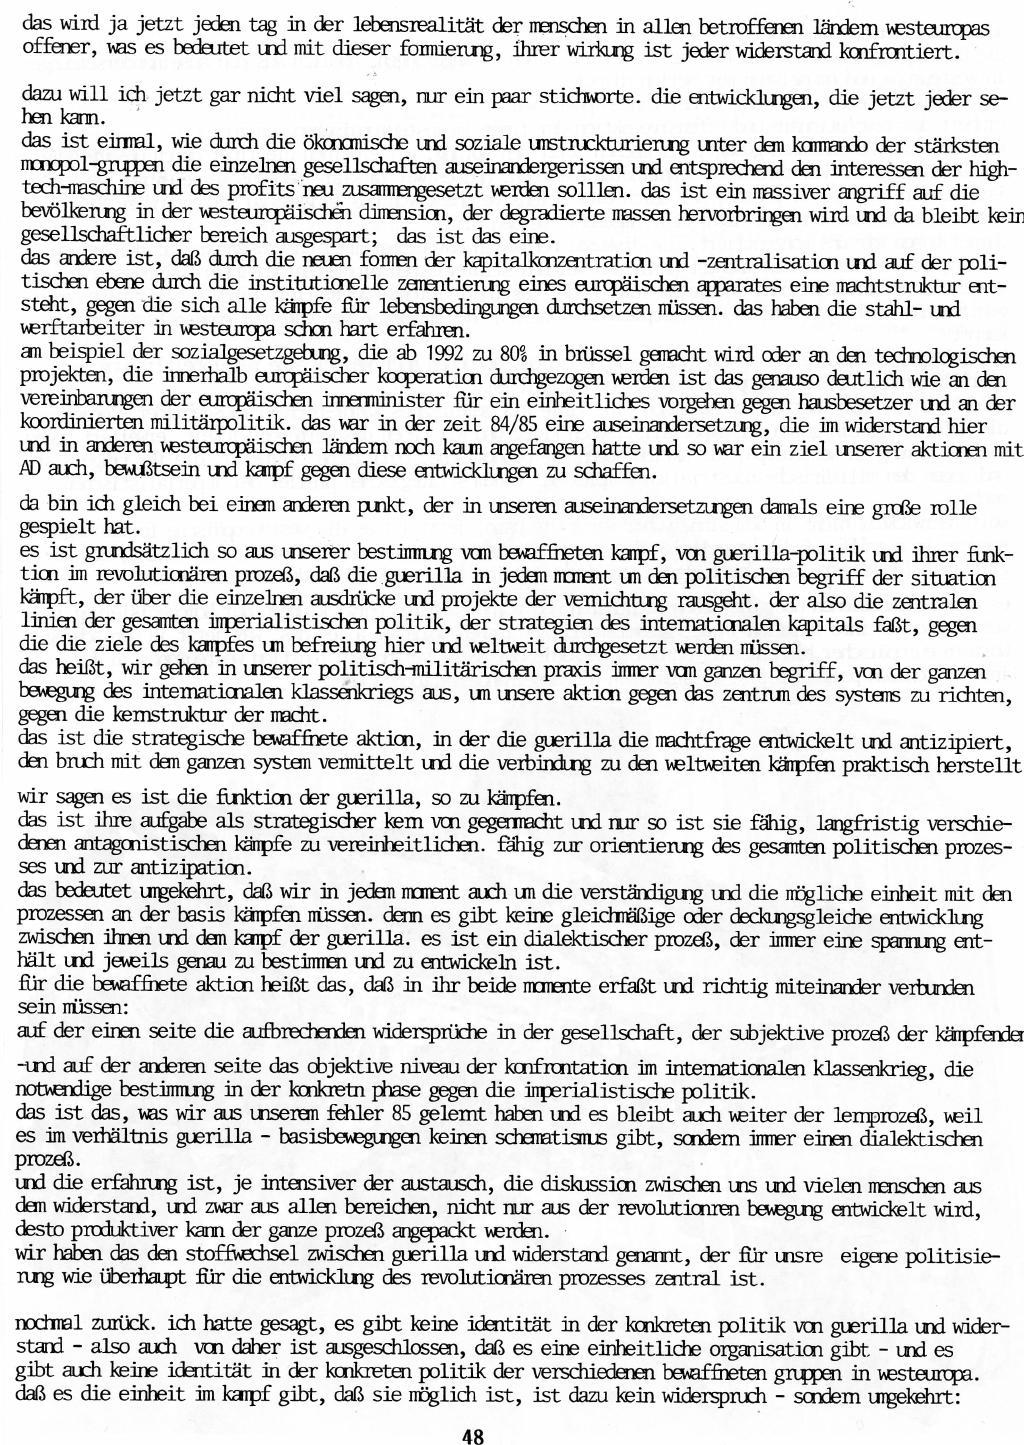 Duesseldorf_1989_Sechs_Politische_Gefangene_048